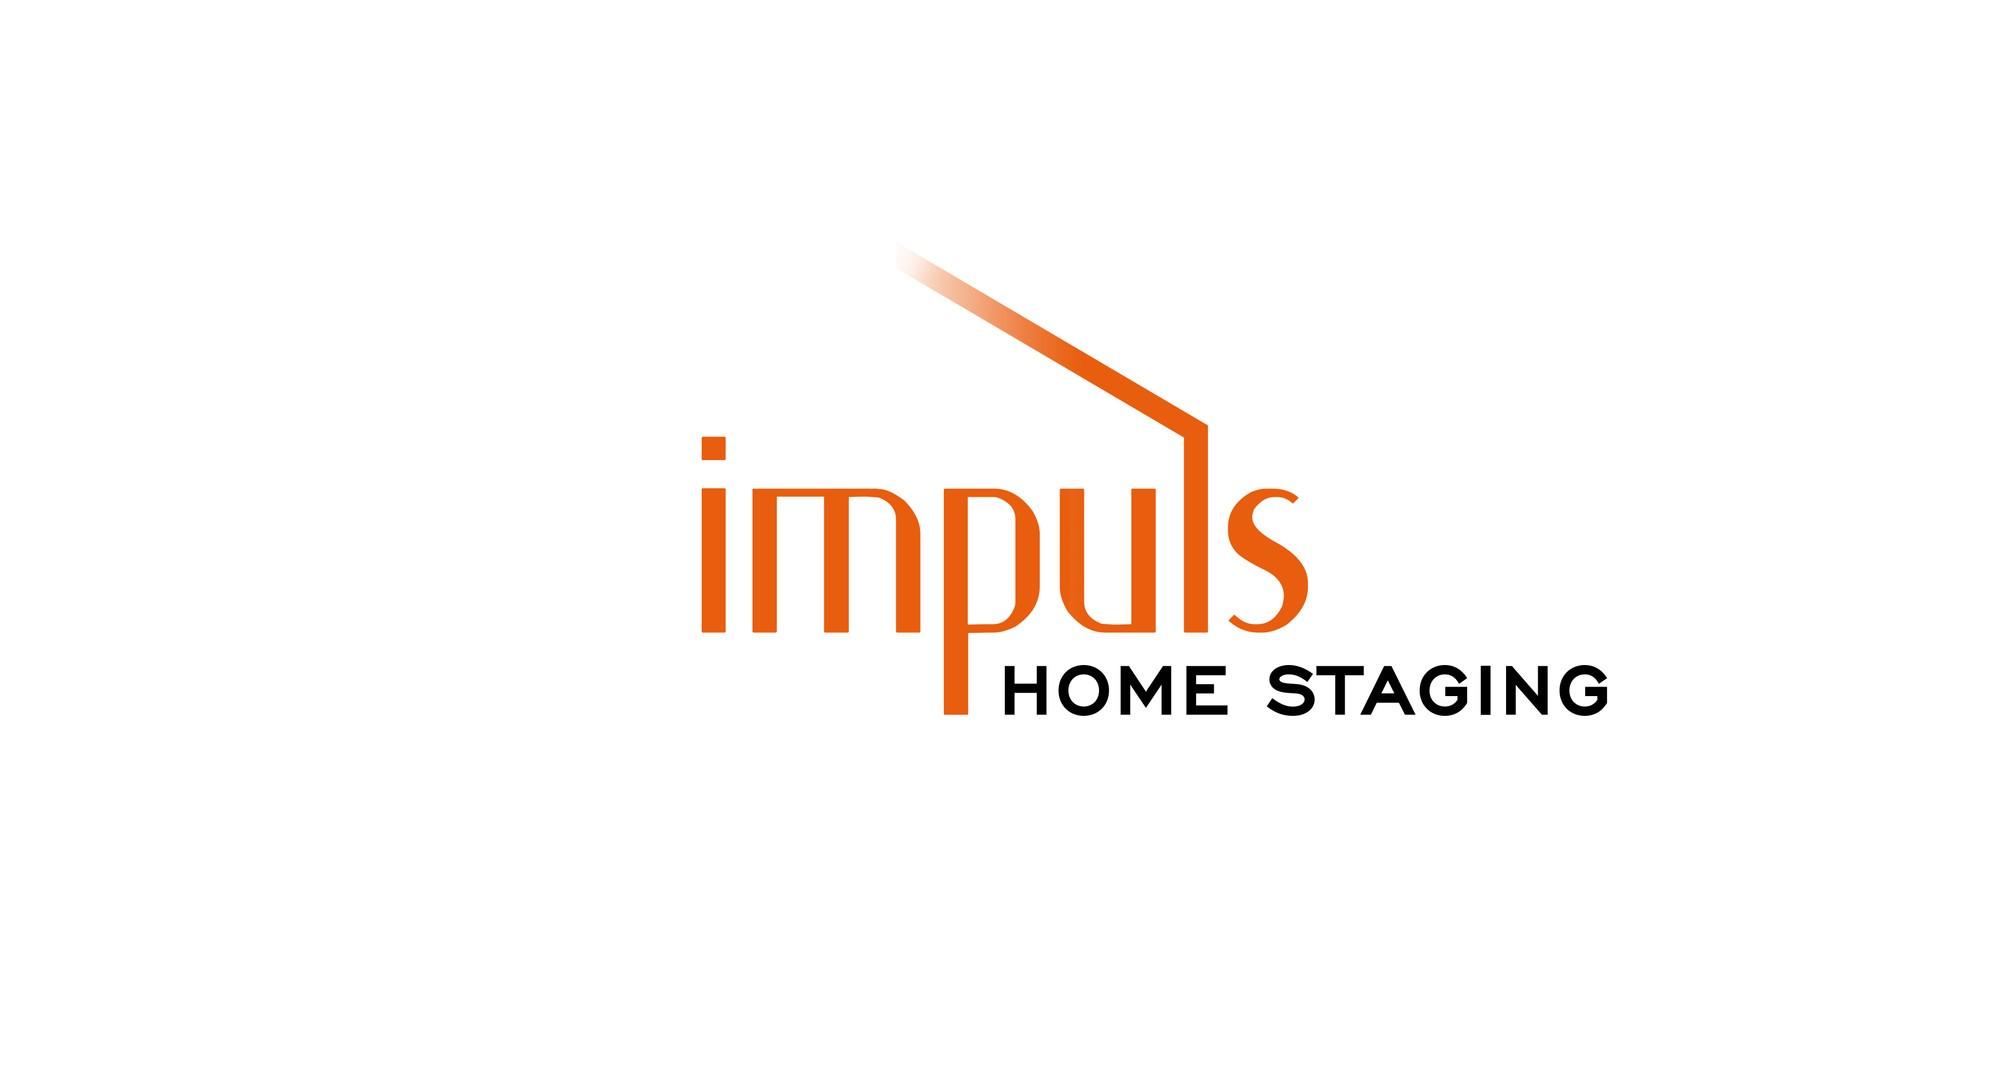 CUBIQZ Impuls Homestaging